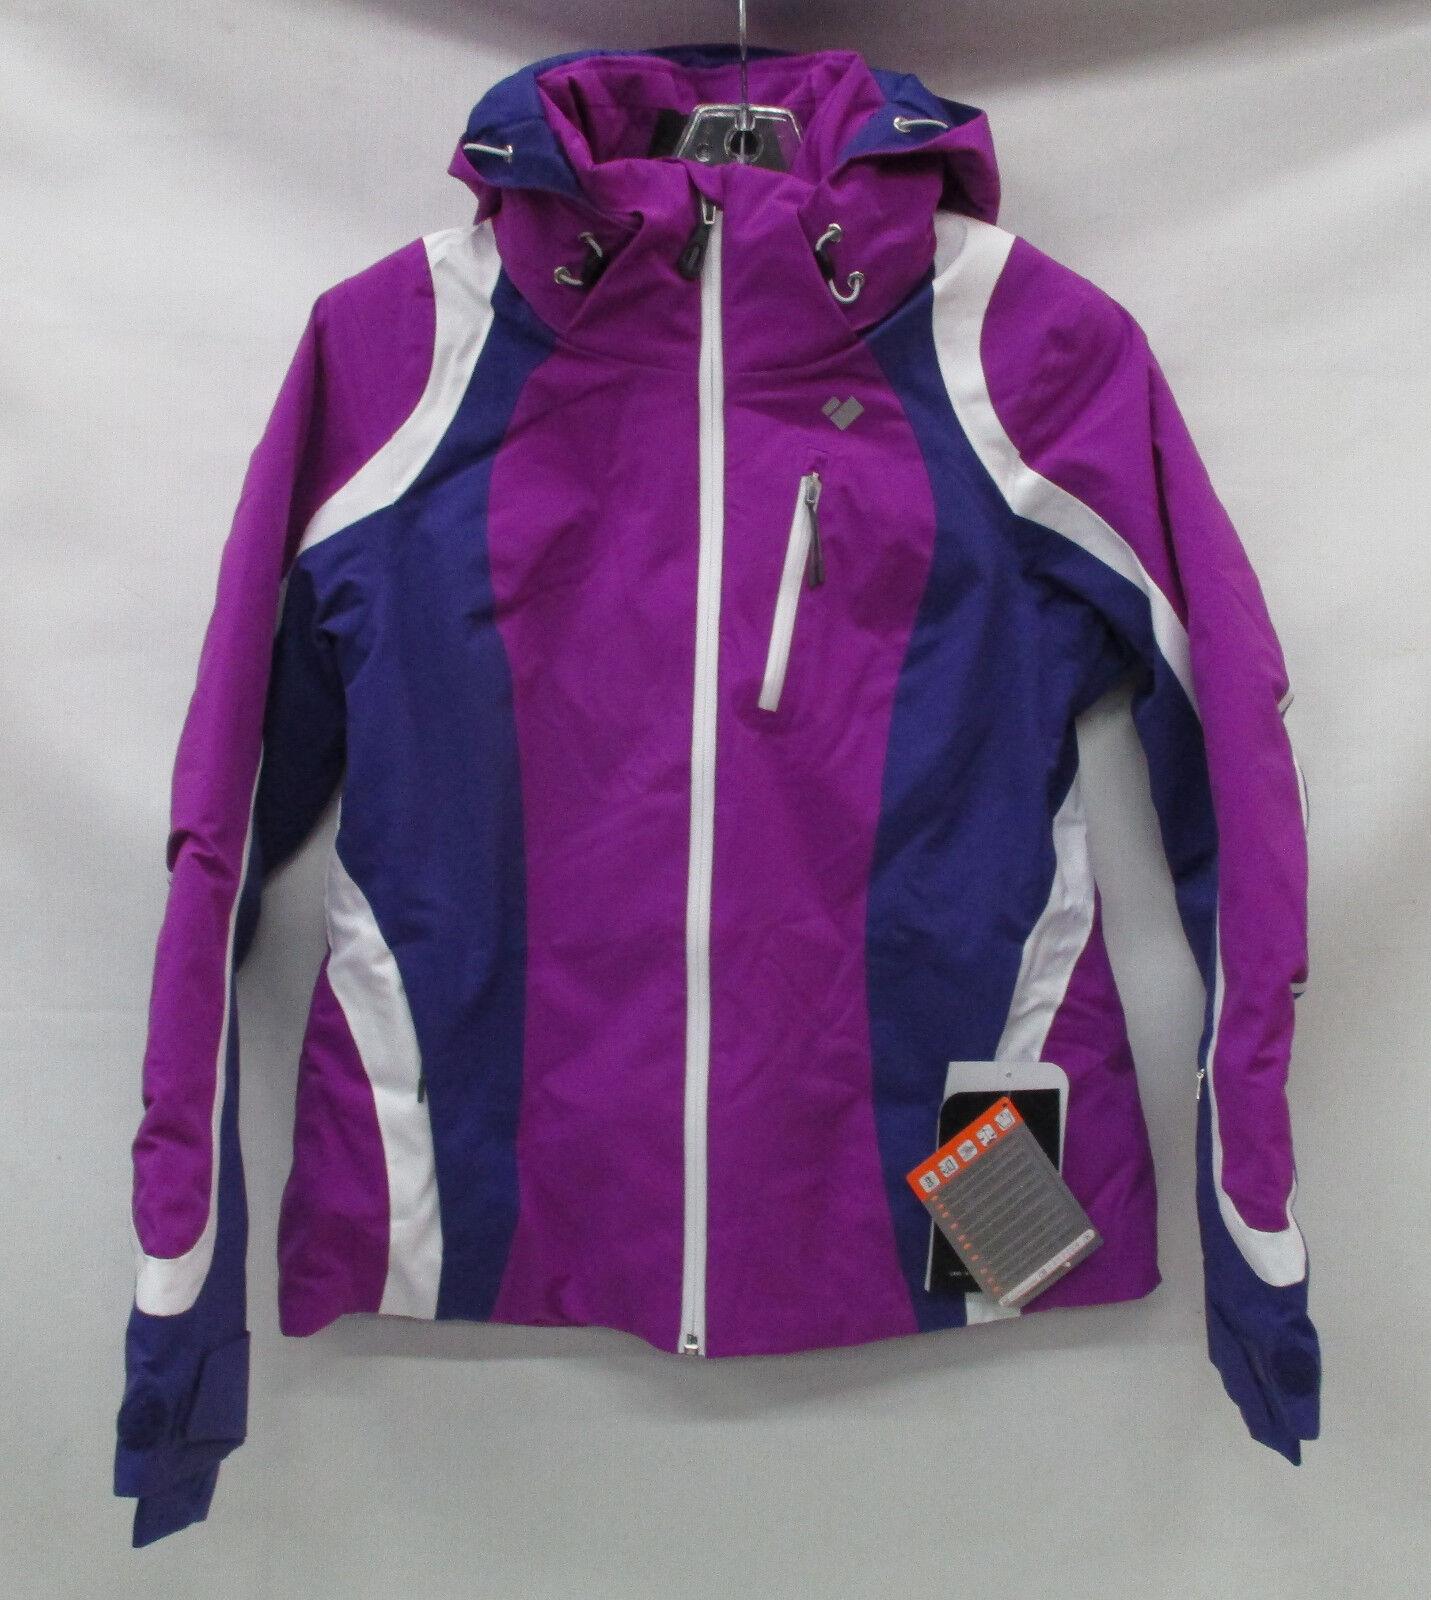 Obermeyer Para Mujer Chaqueta De Esquí Jette aislado 11092  púrpuraa Vibe Talla 6  A la venta con descuento del 70%.